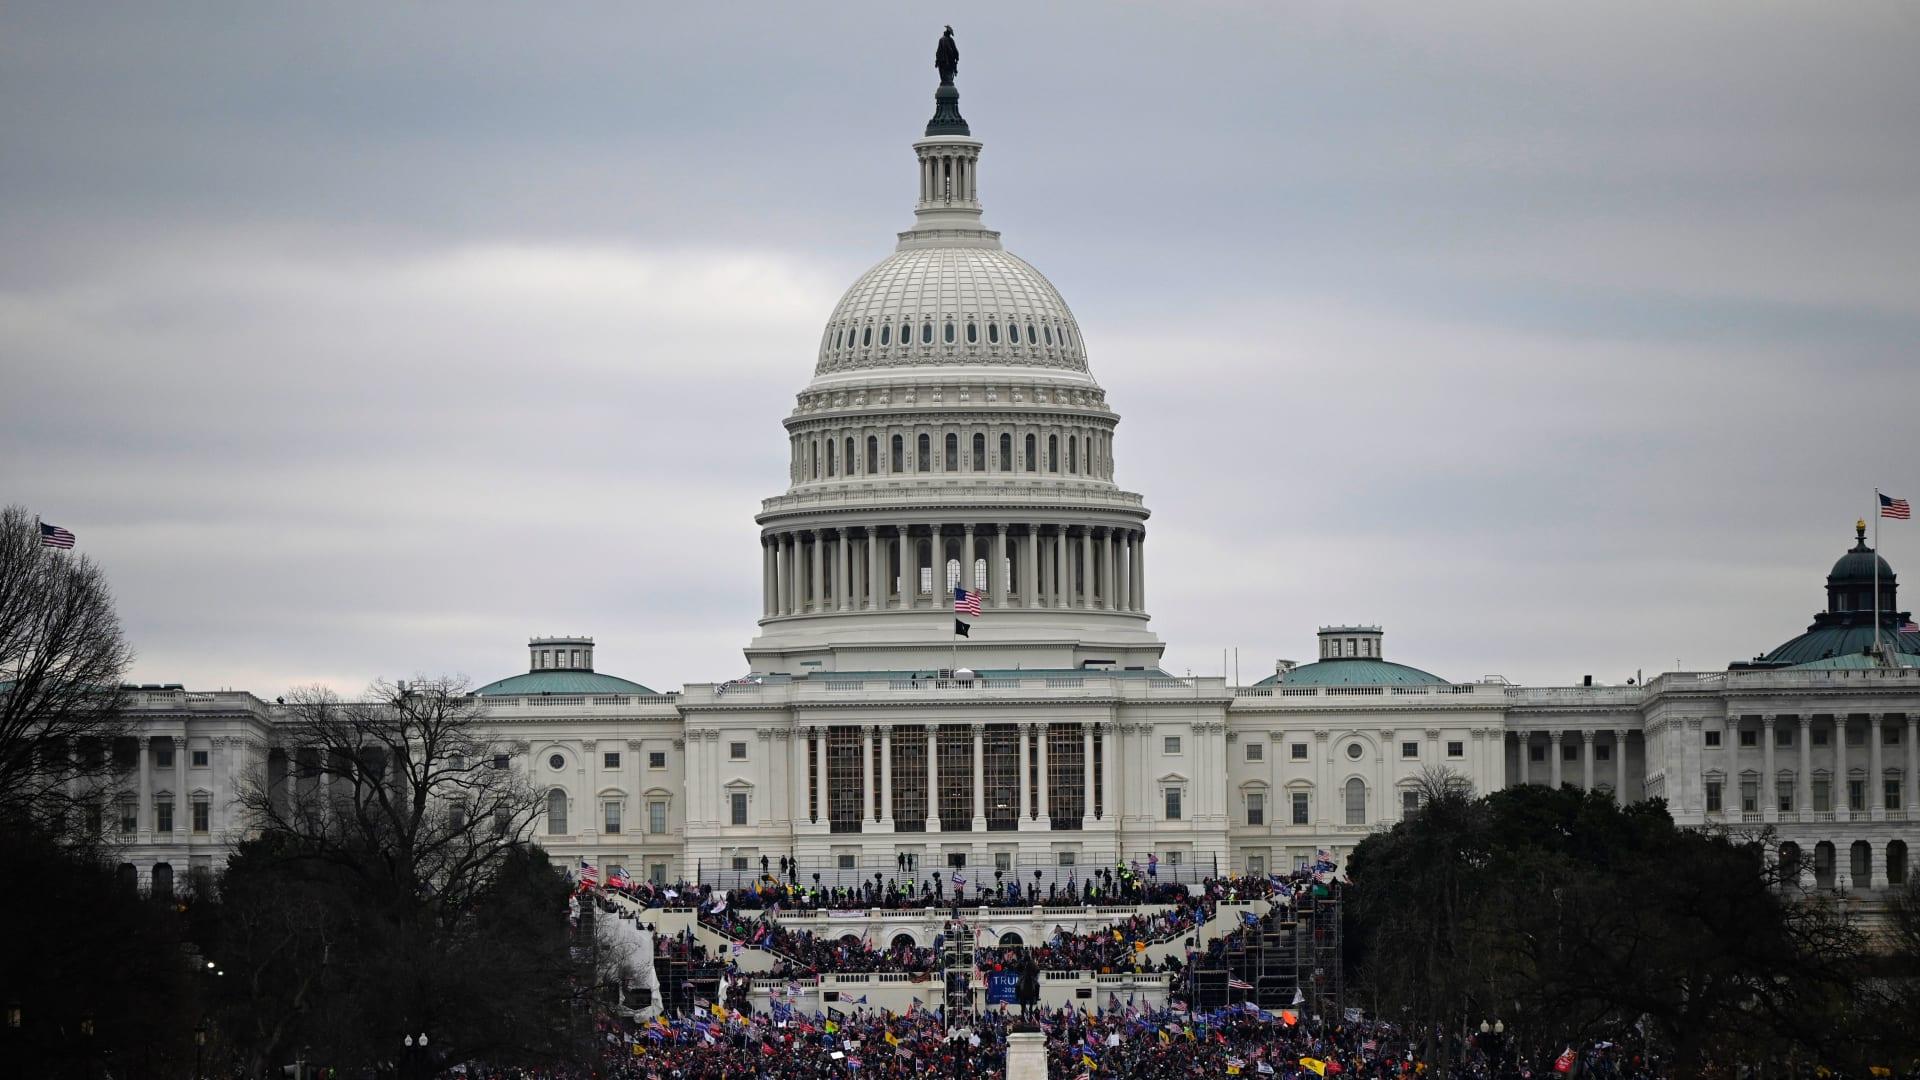 """تحليل.. حصار الكونغرس لم يكن كما أزمة """"دولة من العالم الثالث"""".. كان قُبحاً أمريكياً فريداً"""